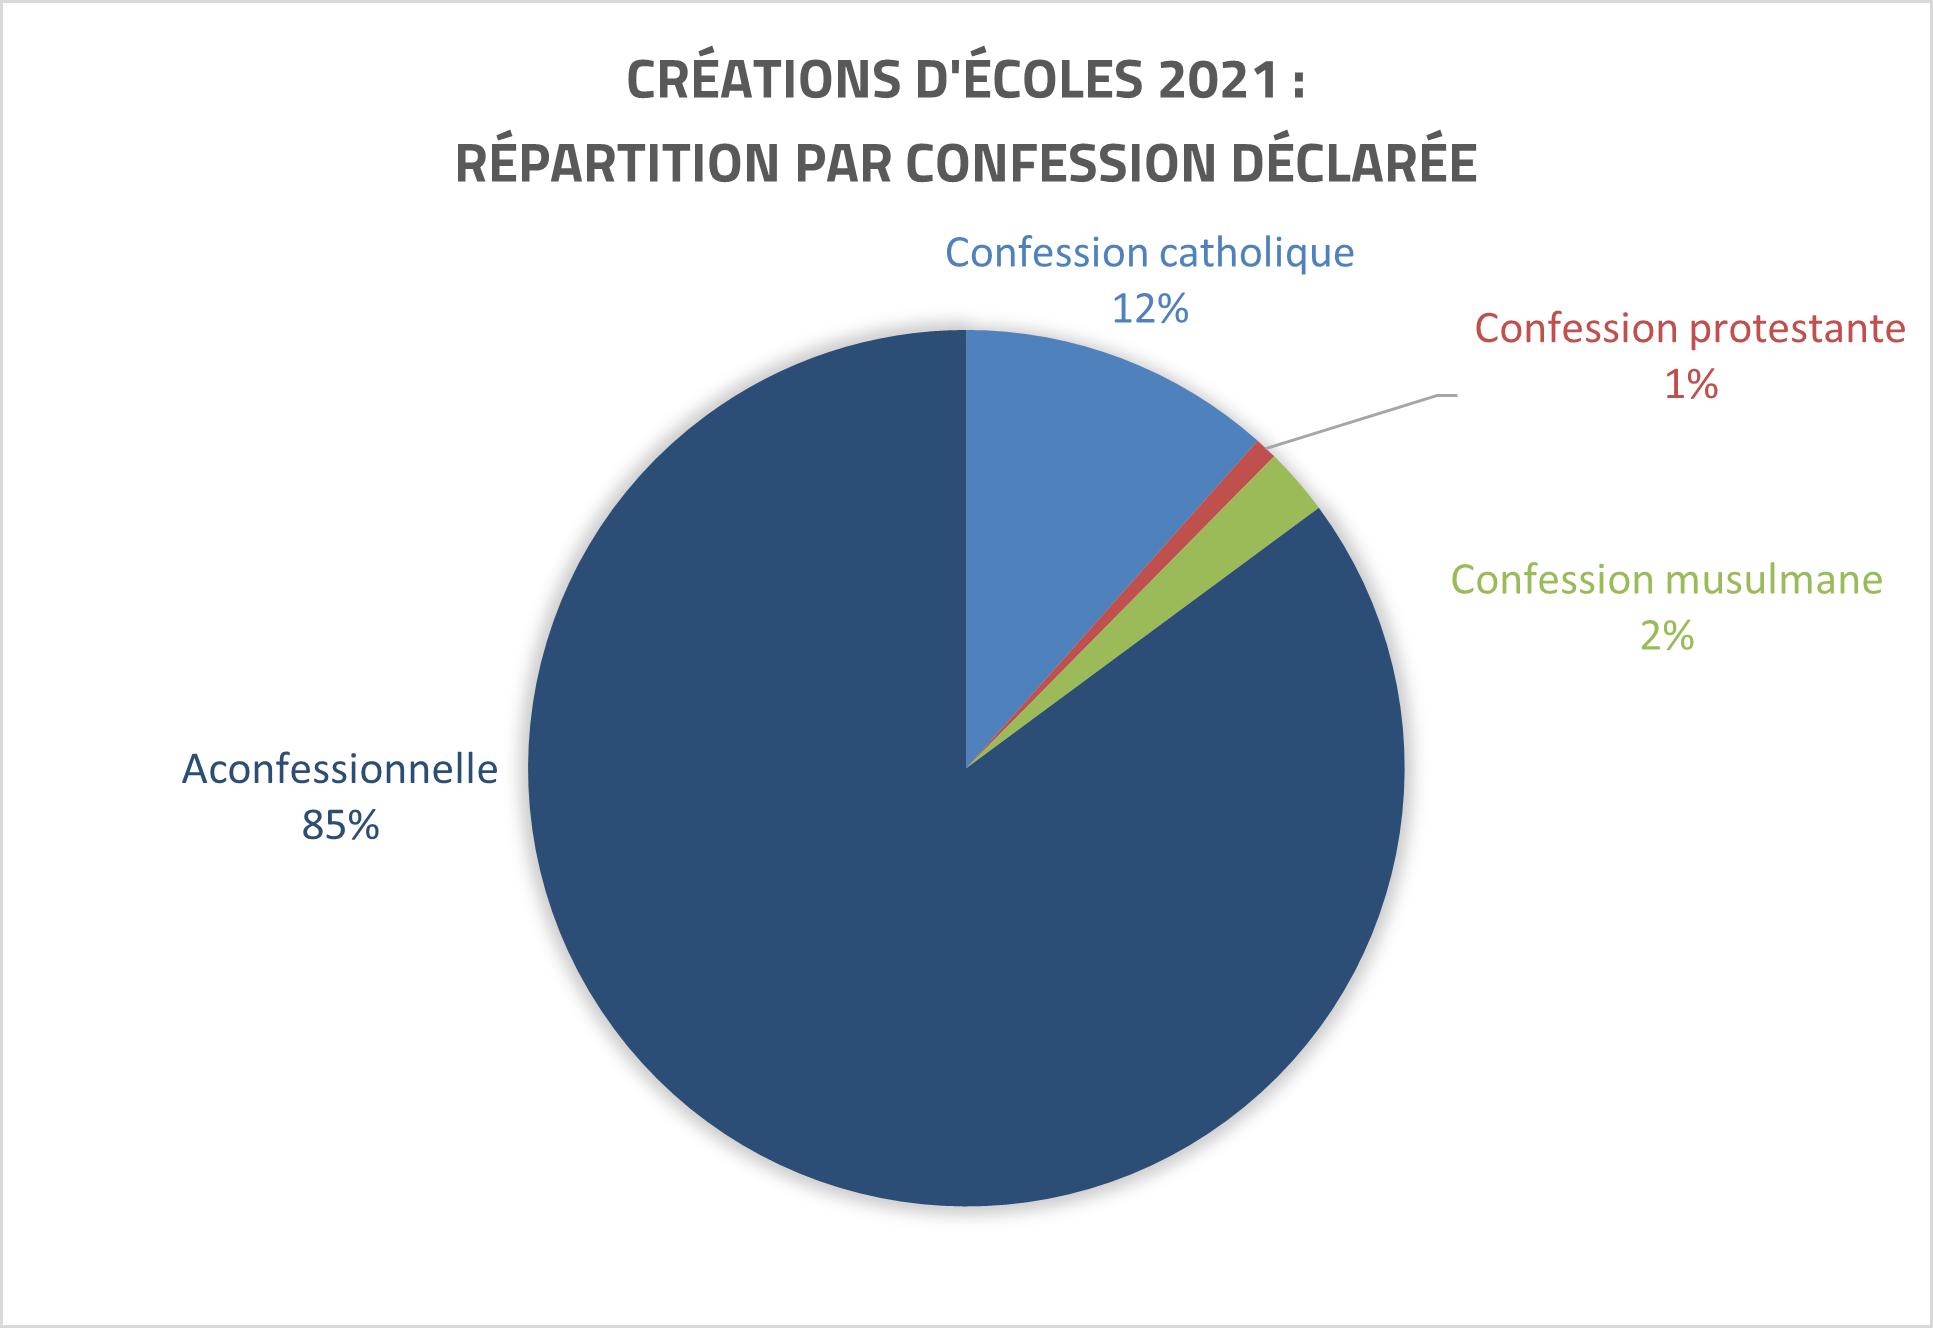 Nouvelles écoles 2021 : confessions